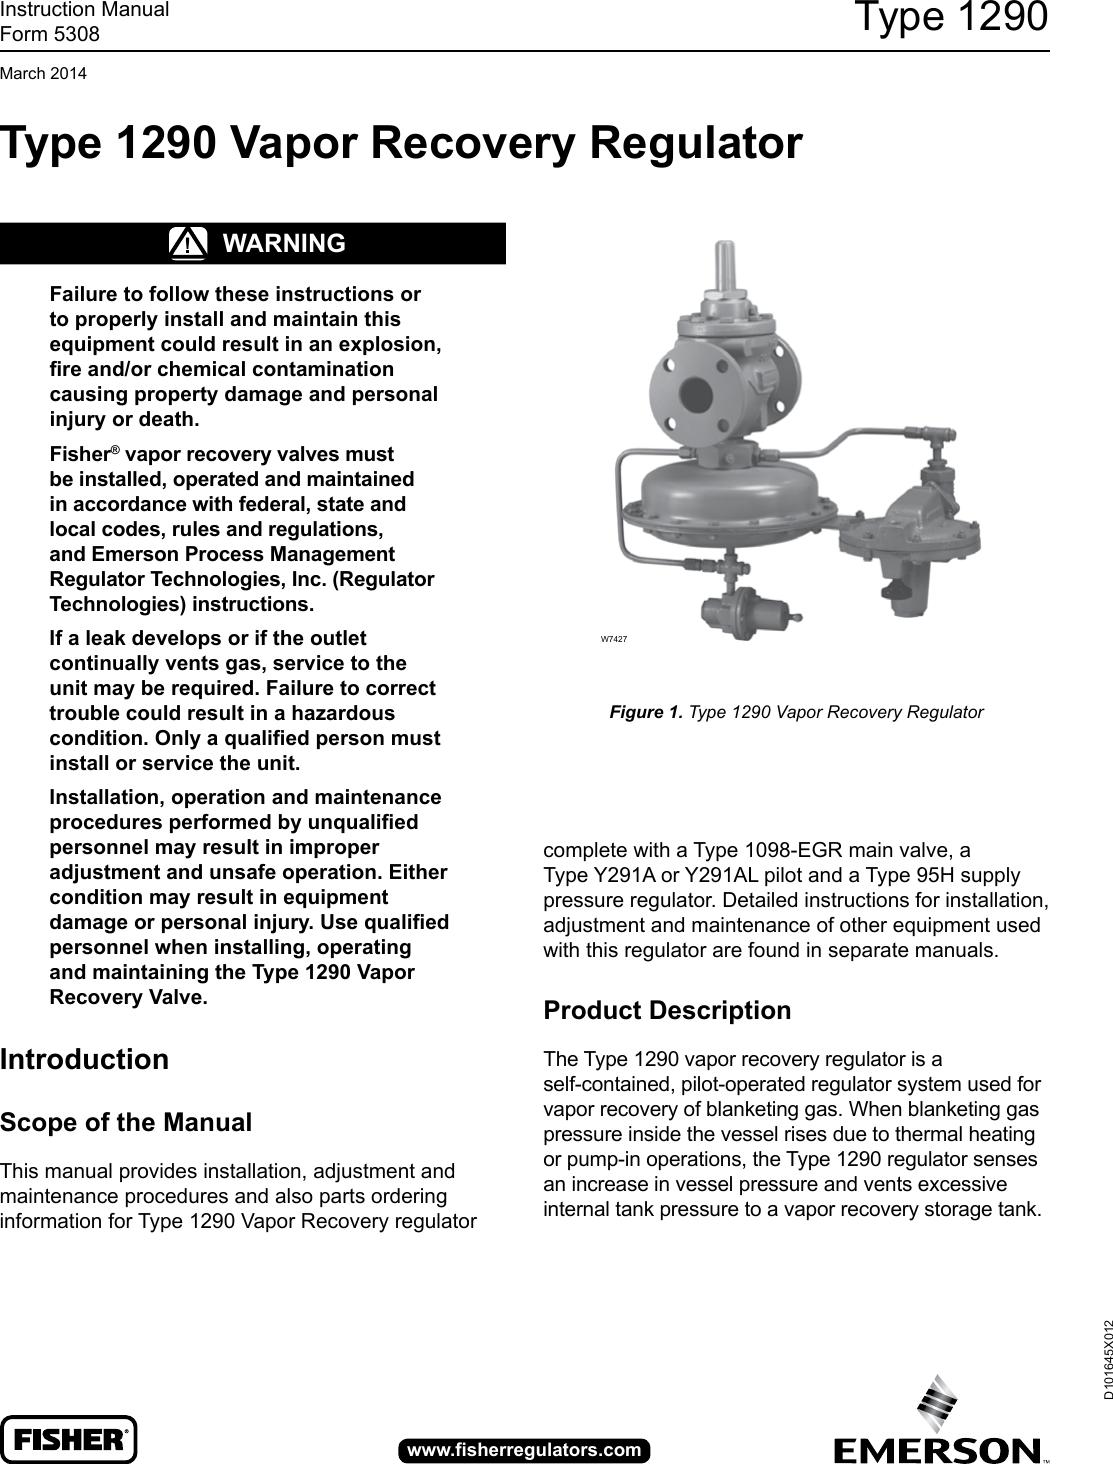 137603 Regulator Manual Guide